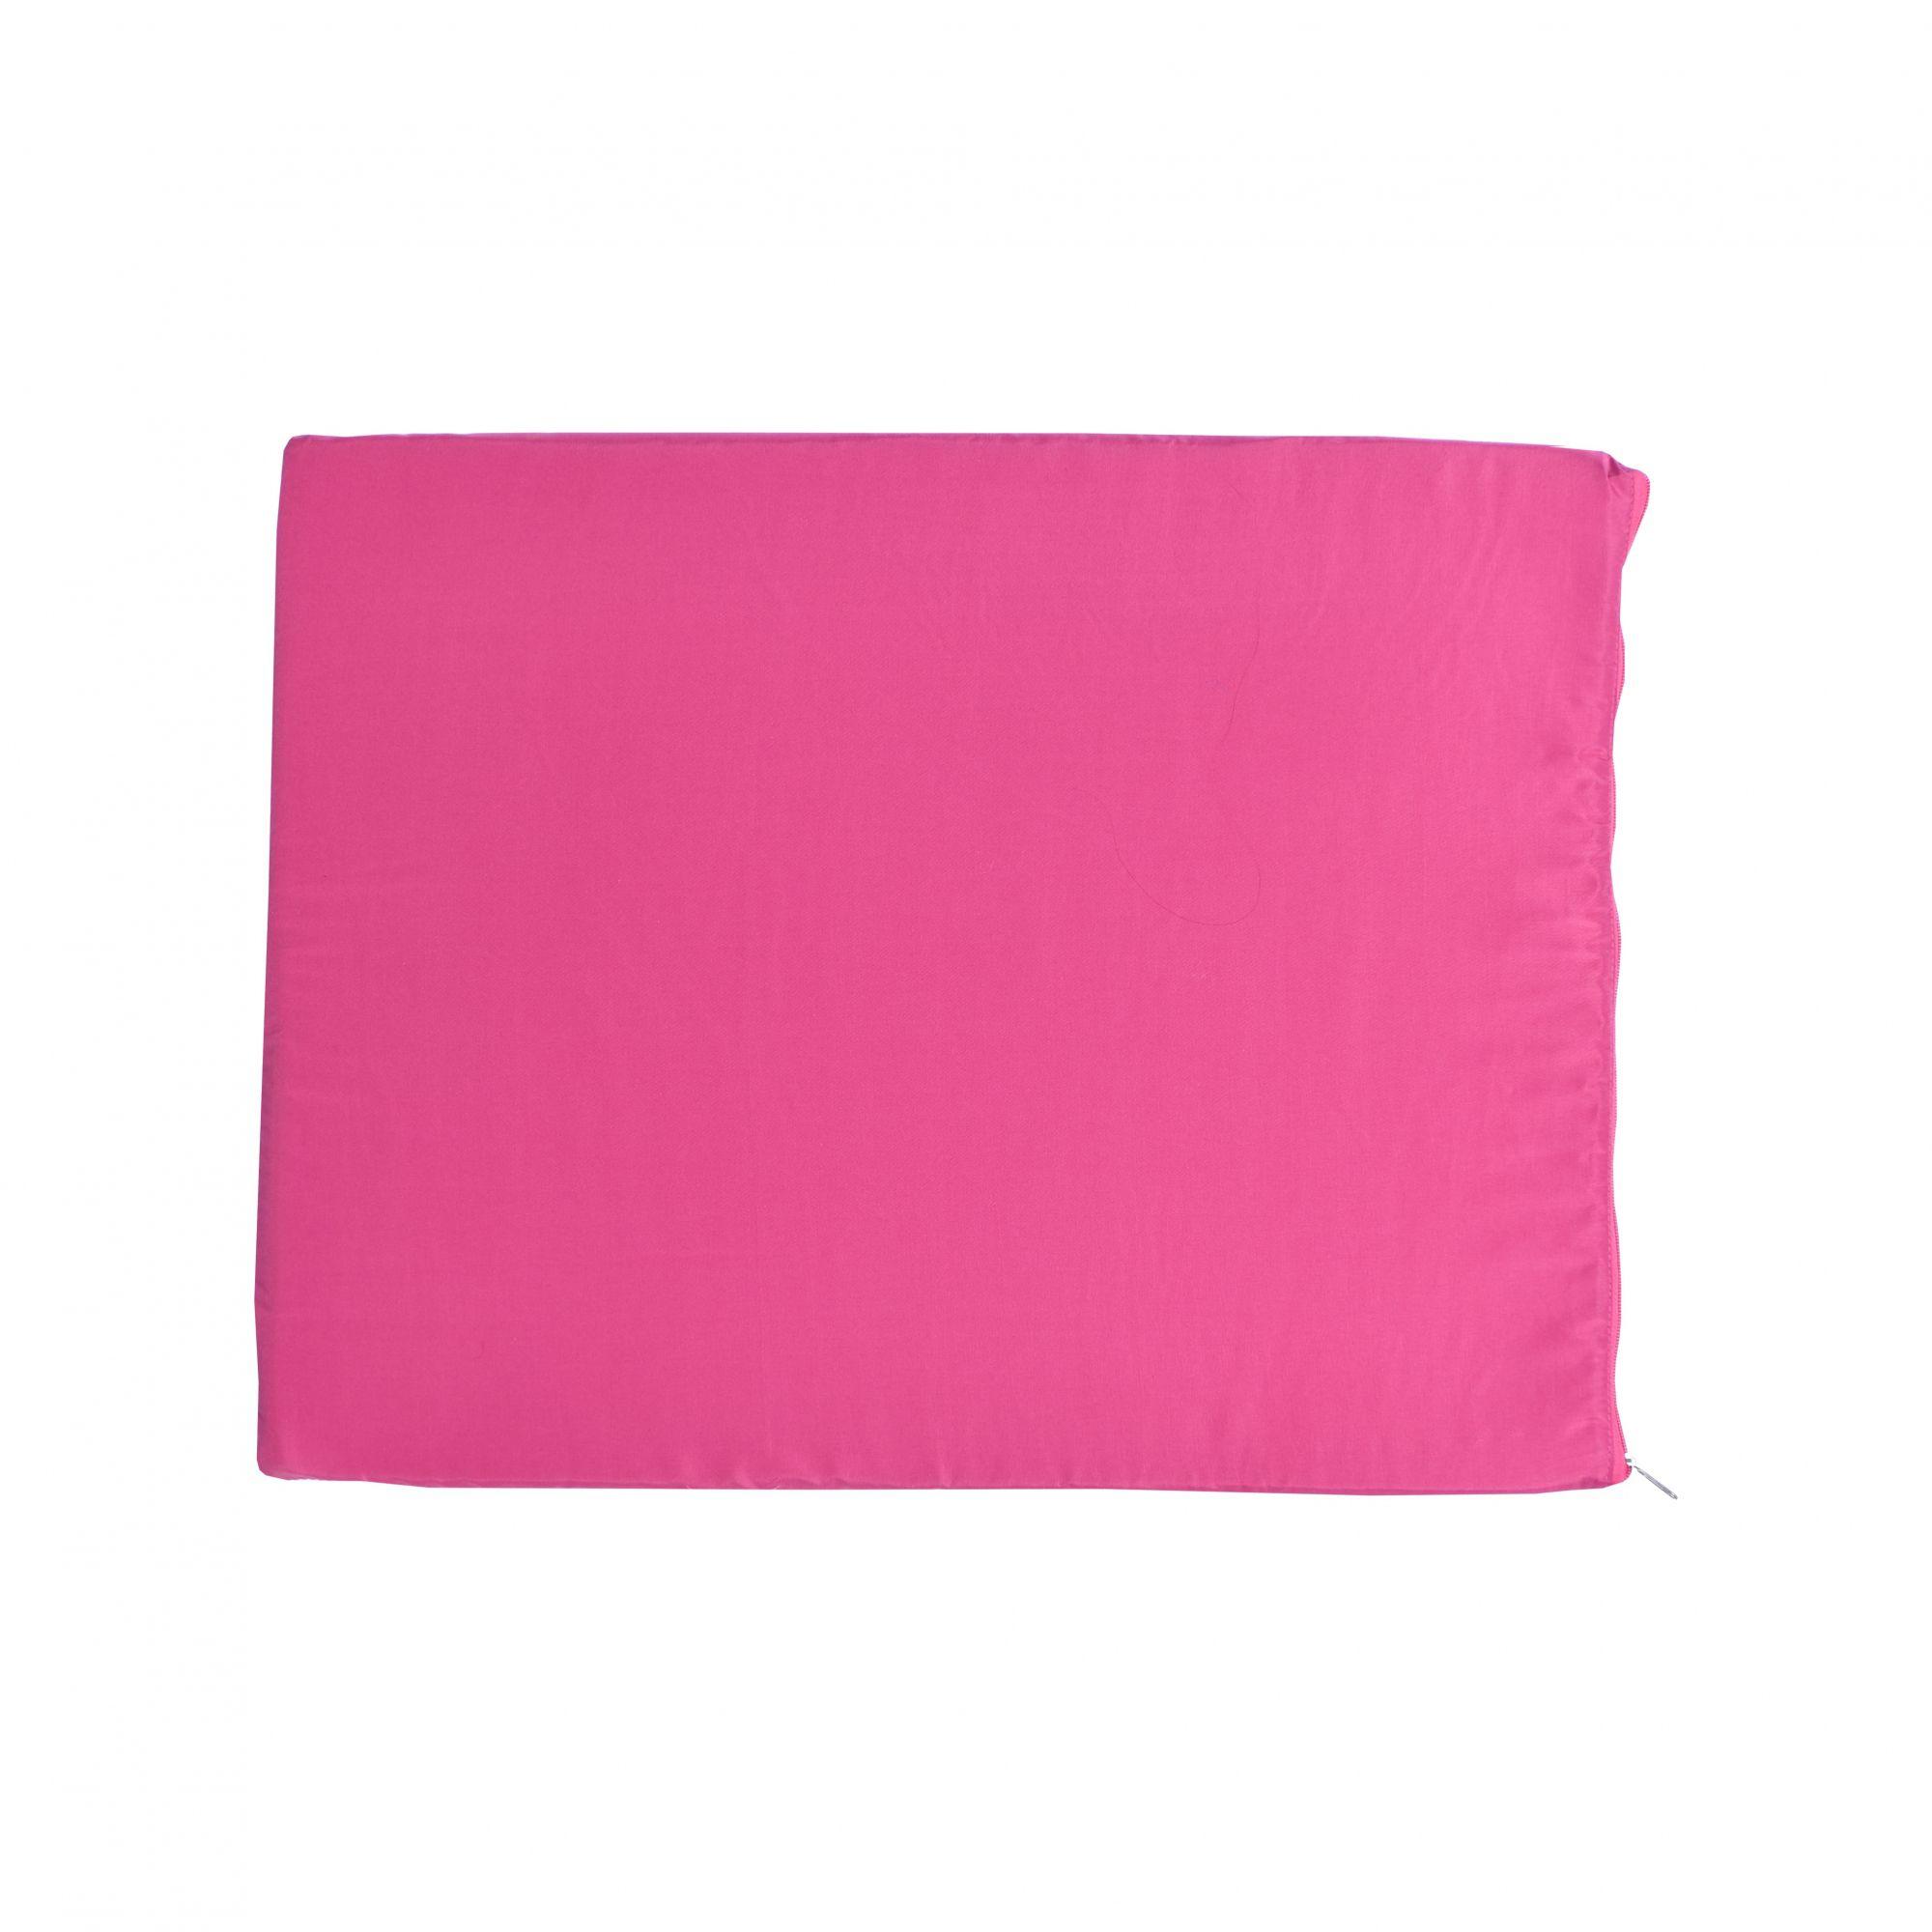 Kit Casinha Ecológica n. 05 com Colchonete Rosa e placa de nome